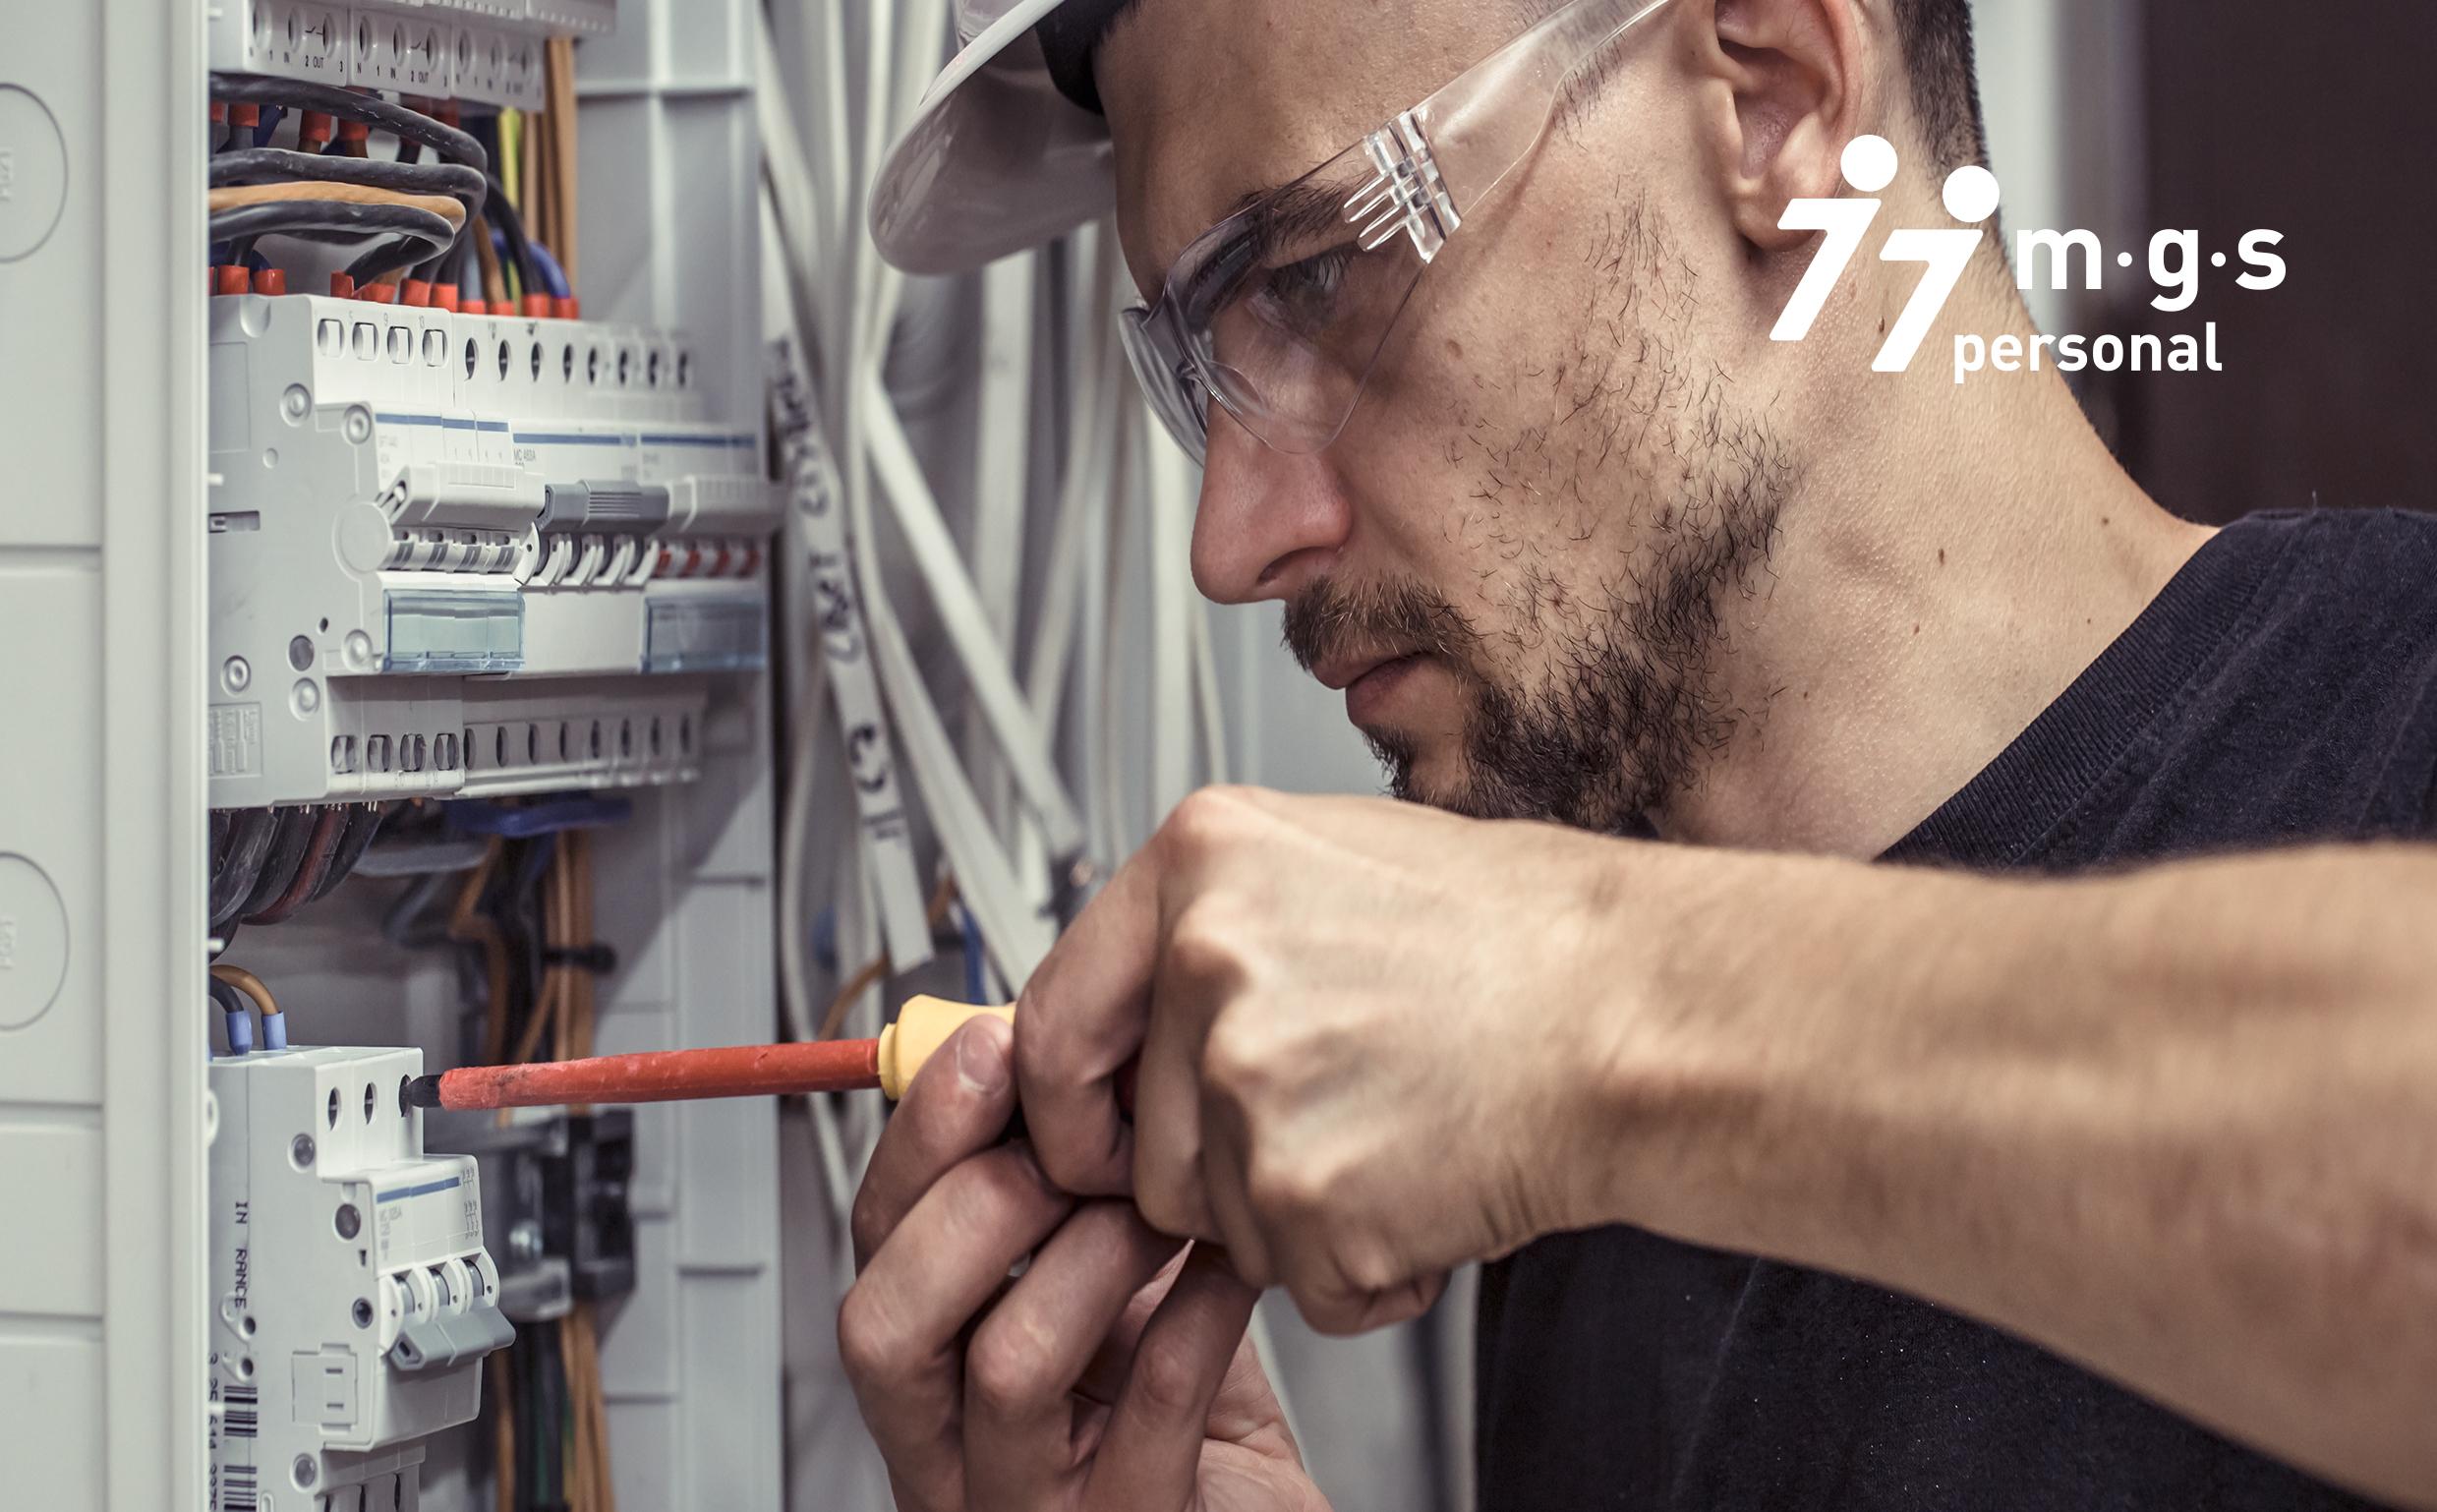 m.g.s Personalmanagement GmbH